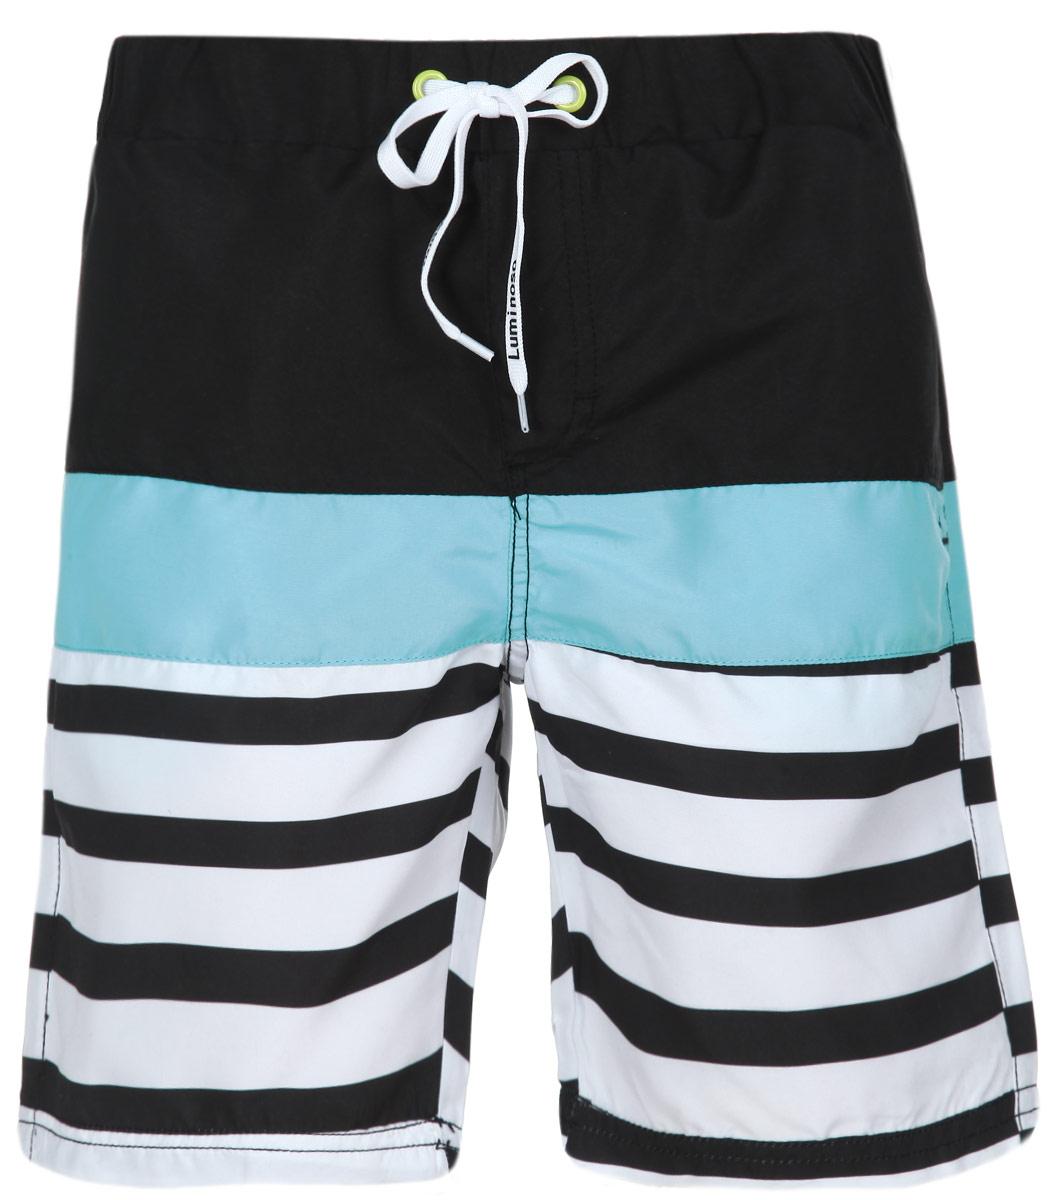 Шорты пляжные для мальчика. 196711196711Пляжные шорты для мальчика Luminoso - идеальный вариант, как для купания, так и для игр на пляже. Изготовленные из 100% полиэстера, они быстро сохнут и сохраняют первоначальный вид и форму даже при длительном использовании. Шорты комфортны в носке, даже когда ребенок мокрый. Модель с вшитыми сетчатыми трусиками на поясе имеет эластичную резинку, регулируемую шнурком, благодаря чему они не сдавливают живот ребенка и не сползают. Имеется имитация ширинки. По бокам модель дополнена двумя прорезными кармашками. Оформлено изделие принтом в полоску. Такие пляжные шорты, несомненно, понравятся вашему ребенку и послужат отличным дополнением к летнему гардеробу!